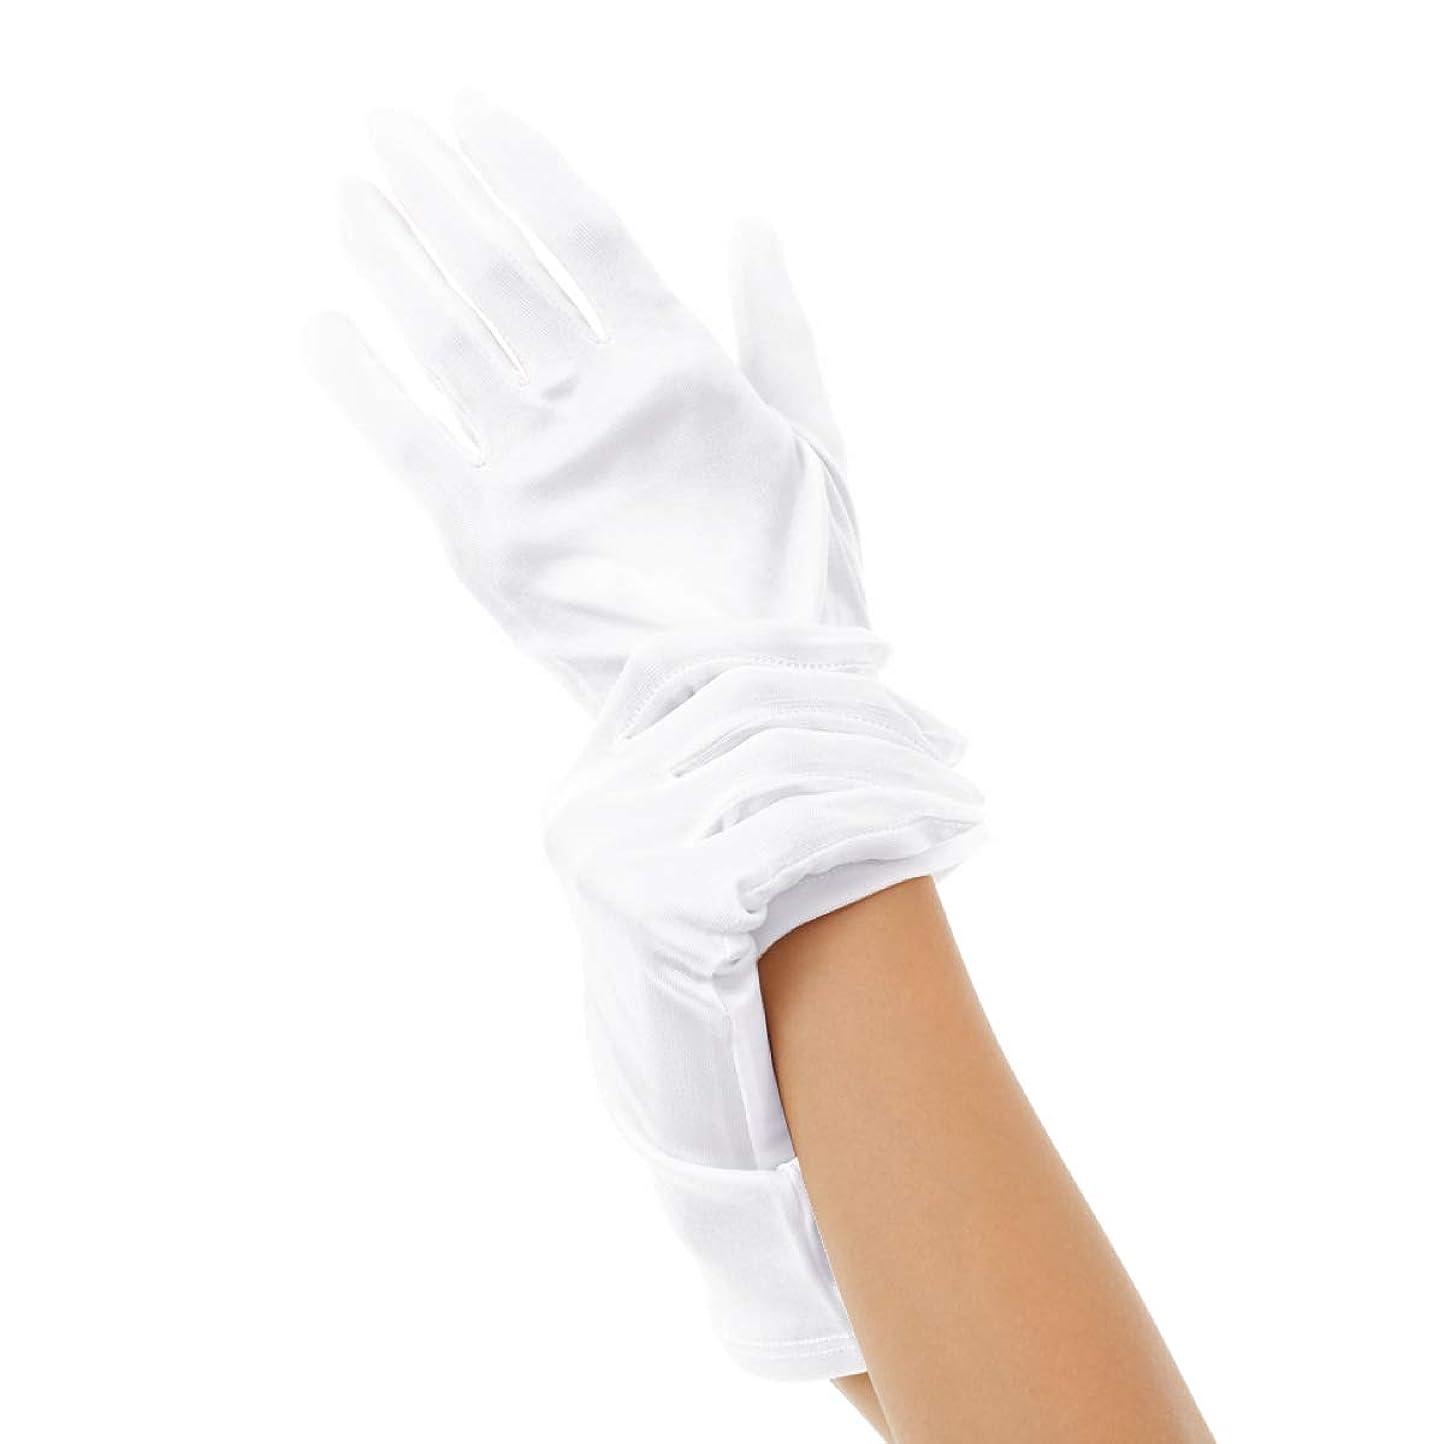 葬儀ホーム畝間Silk 100% ハンドケア シルク 手袋 手首ゆるゆる おやすみ スキンケア グローブ 薄手のスムース素材 外出時の UV対策 や インナーグローブ にも最適 うるおい 保湿 ひび あかぎれ 保護 (L, ホワイト)